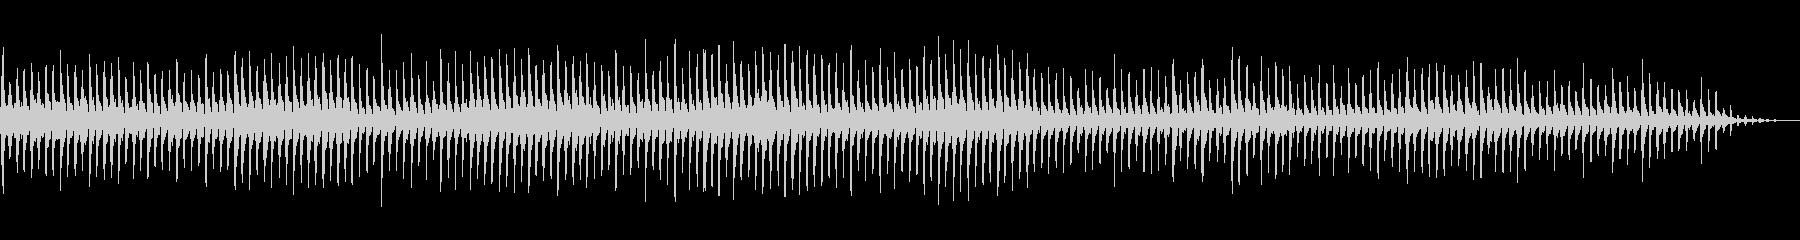 ドラムとタンブリン、ネイティブリズ...の未再生の波形